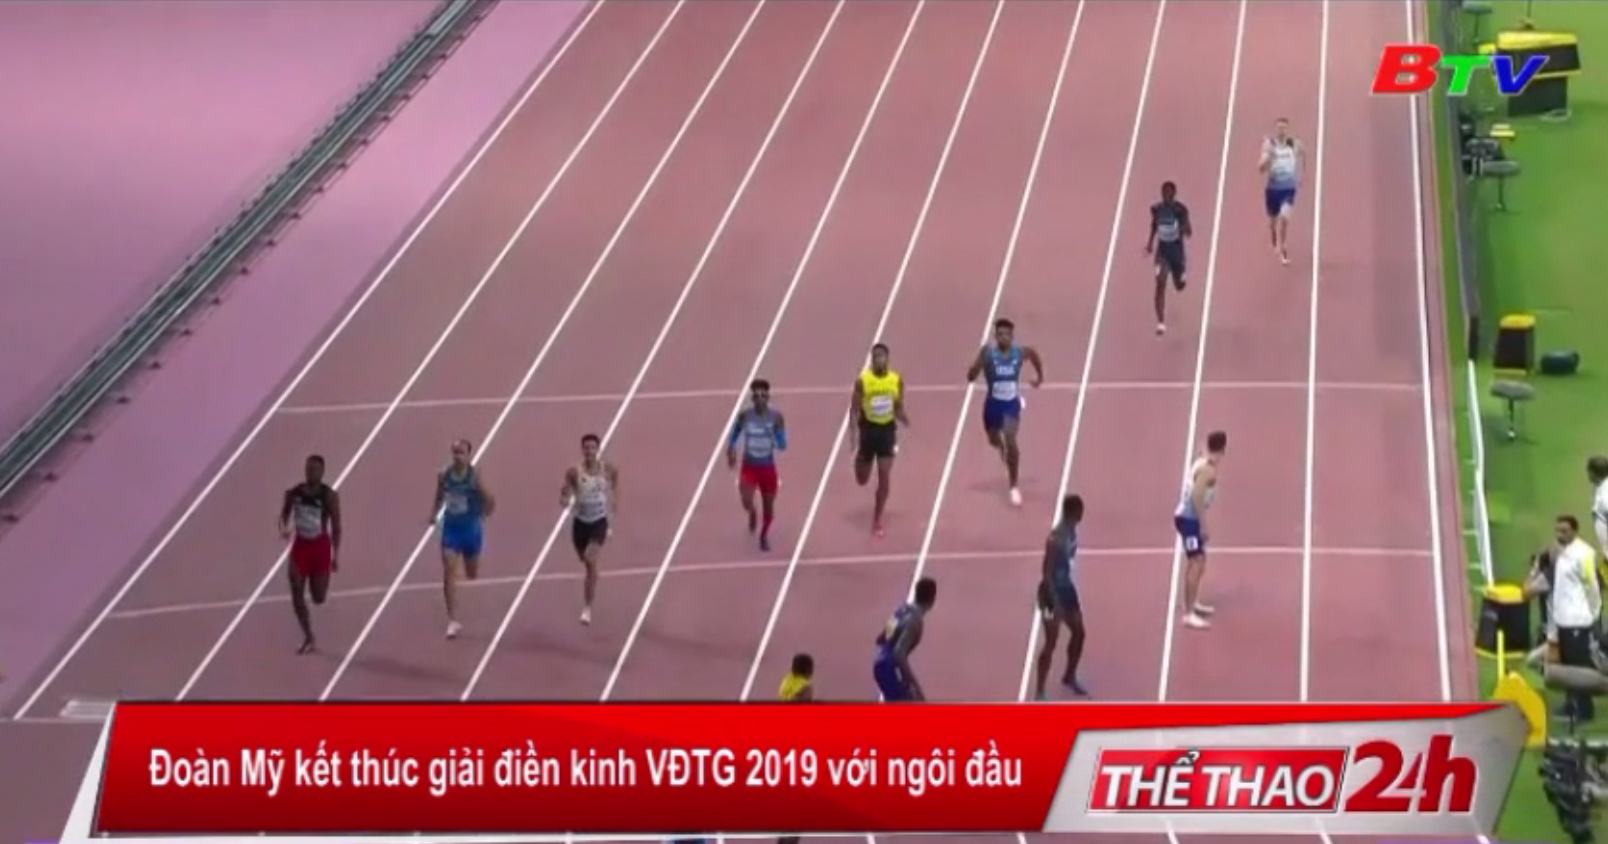 Đoàn Mỹ kết thúc giải điền kinh VĐTG 2019 với ngôi đầu